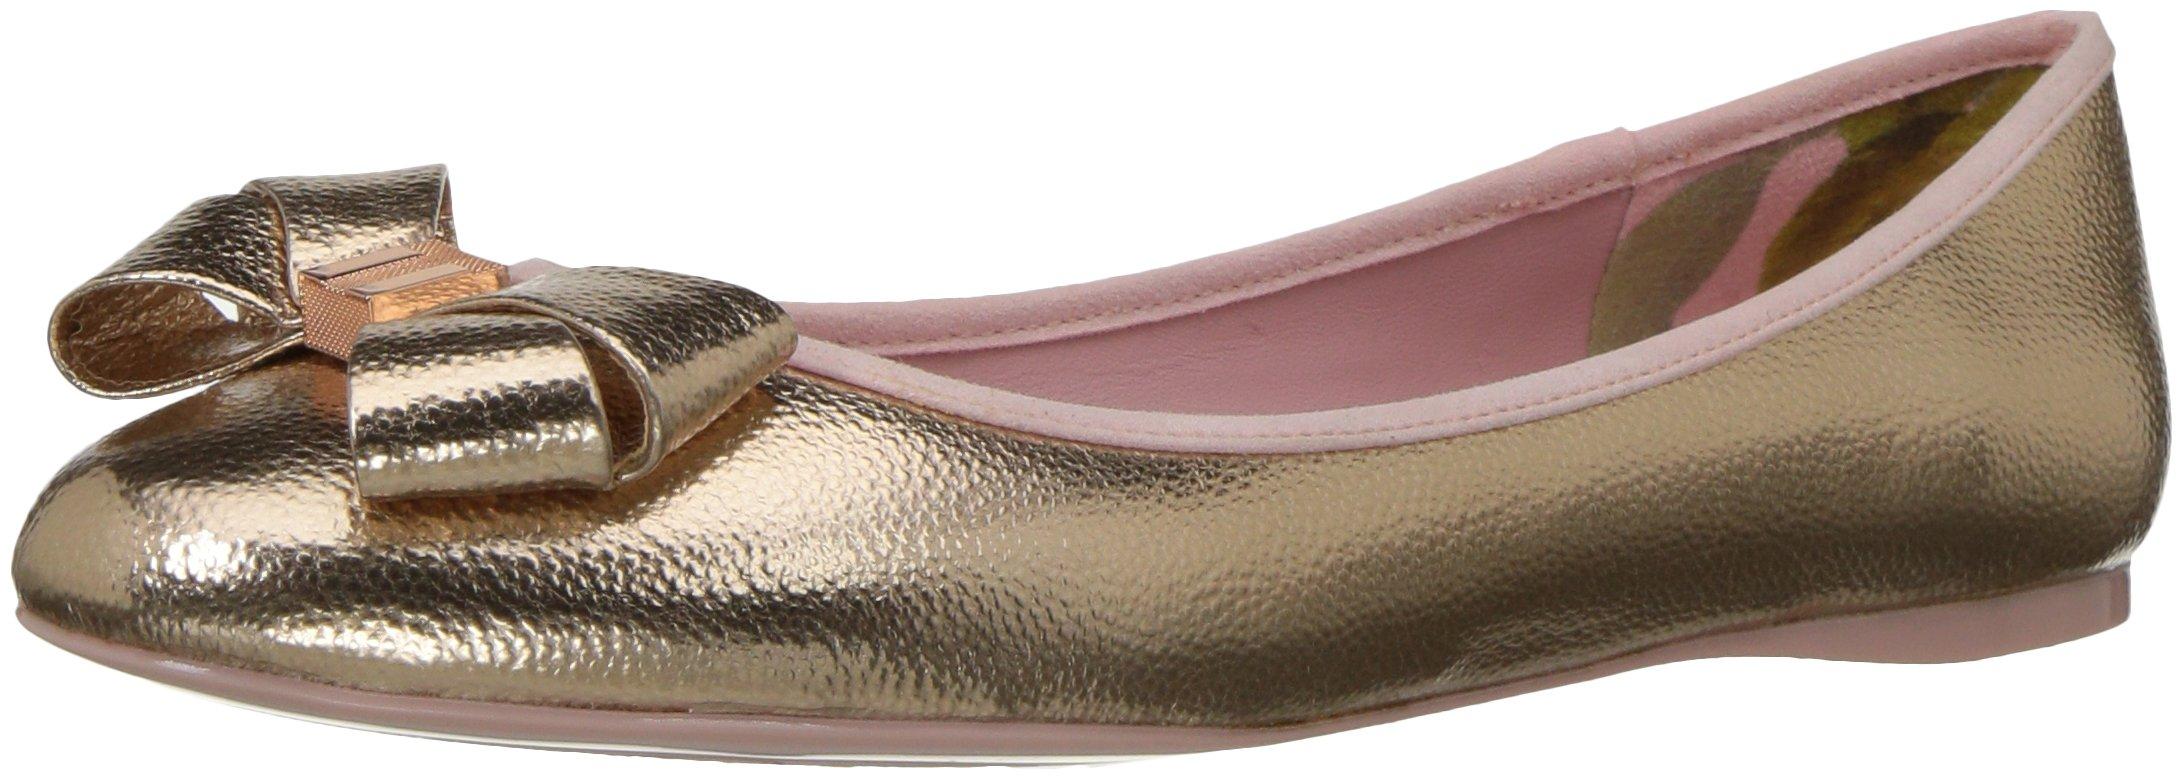 Ted Baker Women's Immet Ballet Shoe, Rose Gold New Bow, 6.5 M US